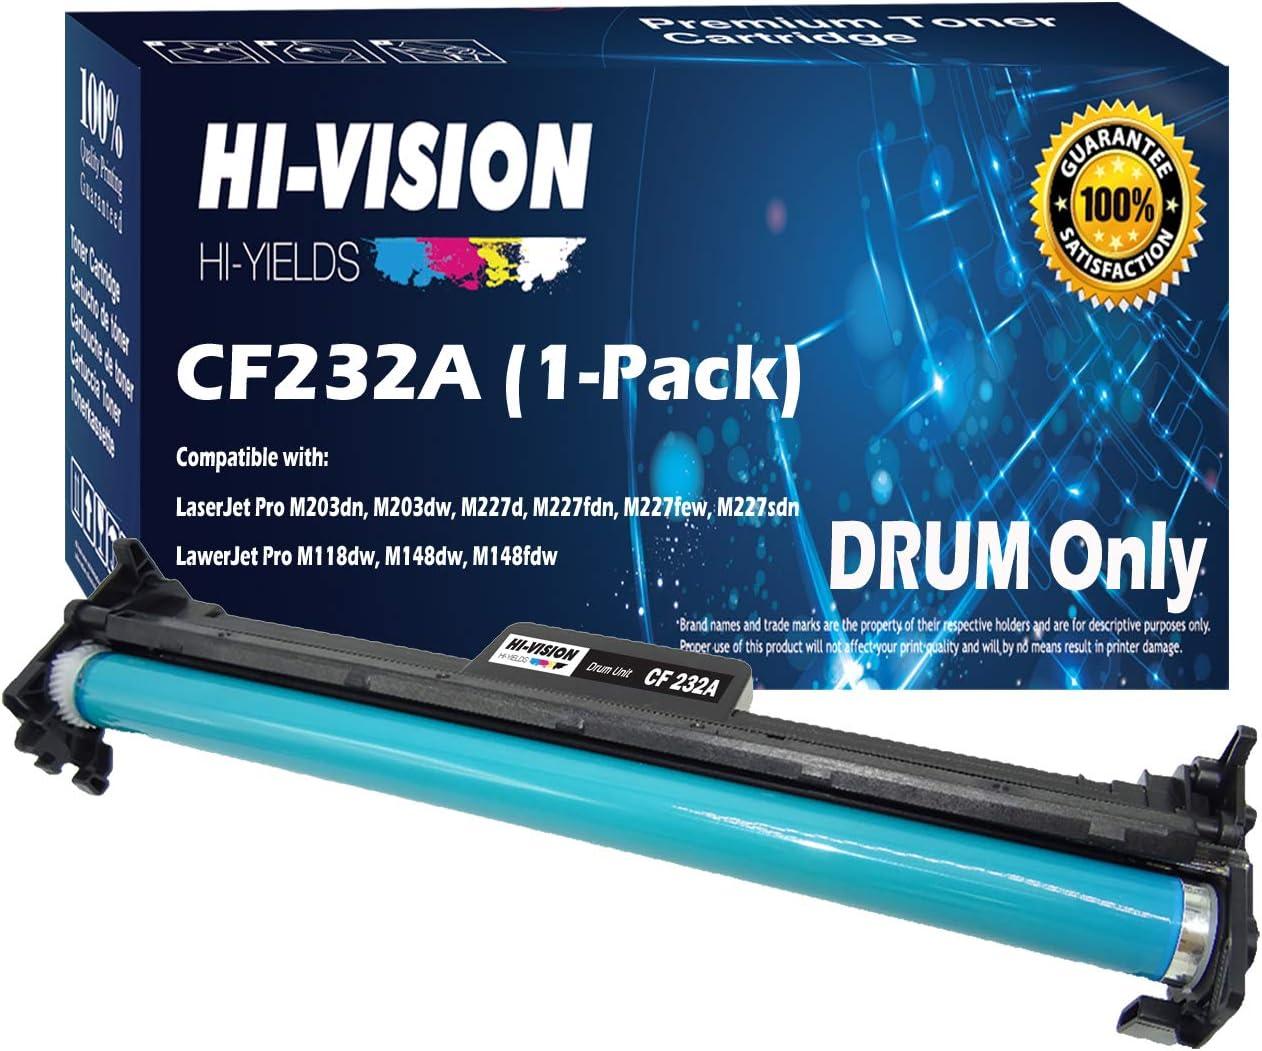 HI-VISION HI-YIELDS Compatible Drum Unit Replacement CF232A 32A 23,000 Pages for HP Laserjet Pro M203dn M203dw M227d M227fdn M227fdw M227sdn (Black, 1-Pack)